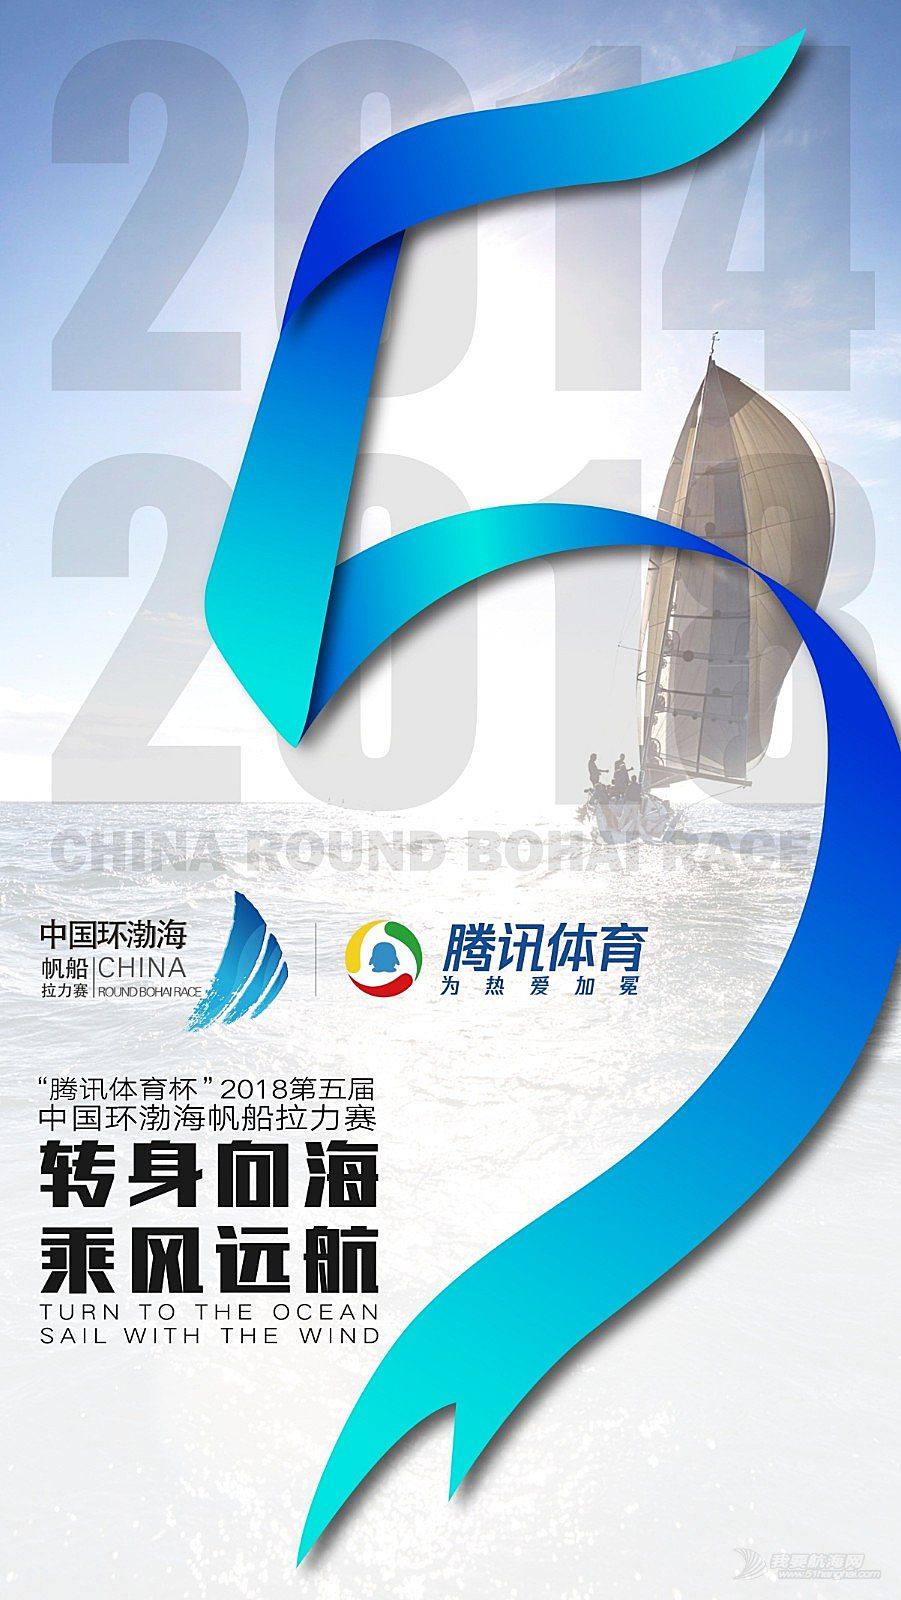 为热爱加冕!   腾讯体育冠名2018第五届中国环渤海帆船拉力赛